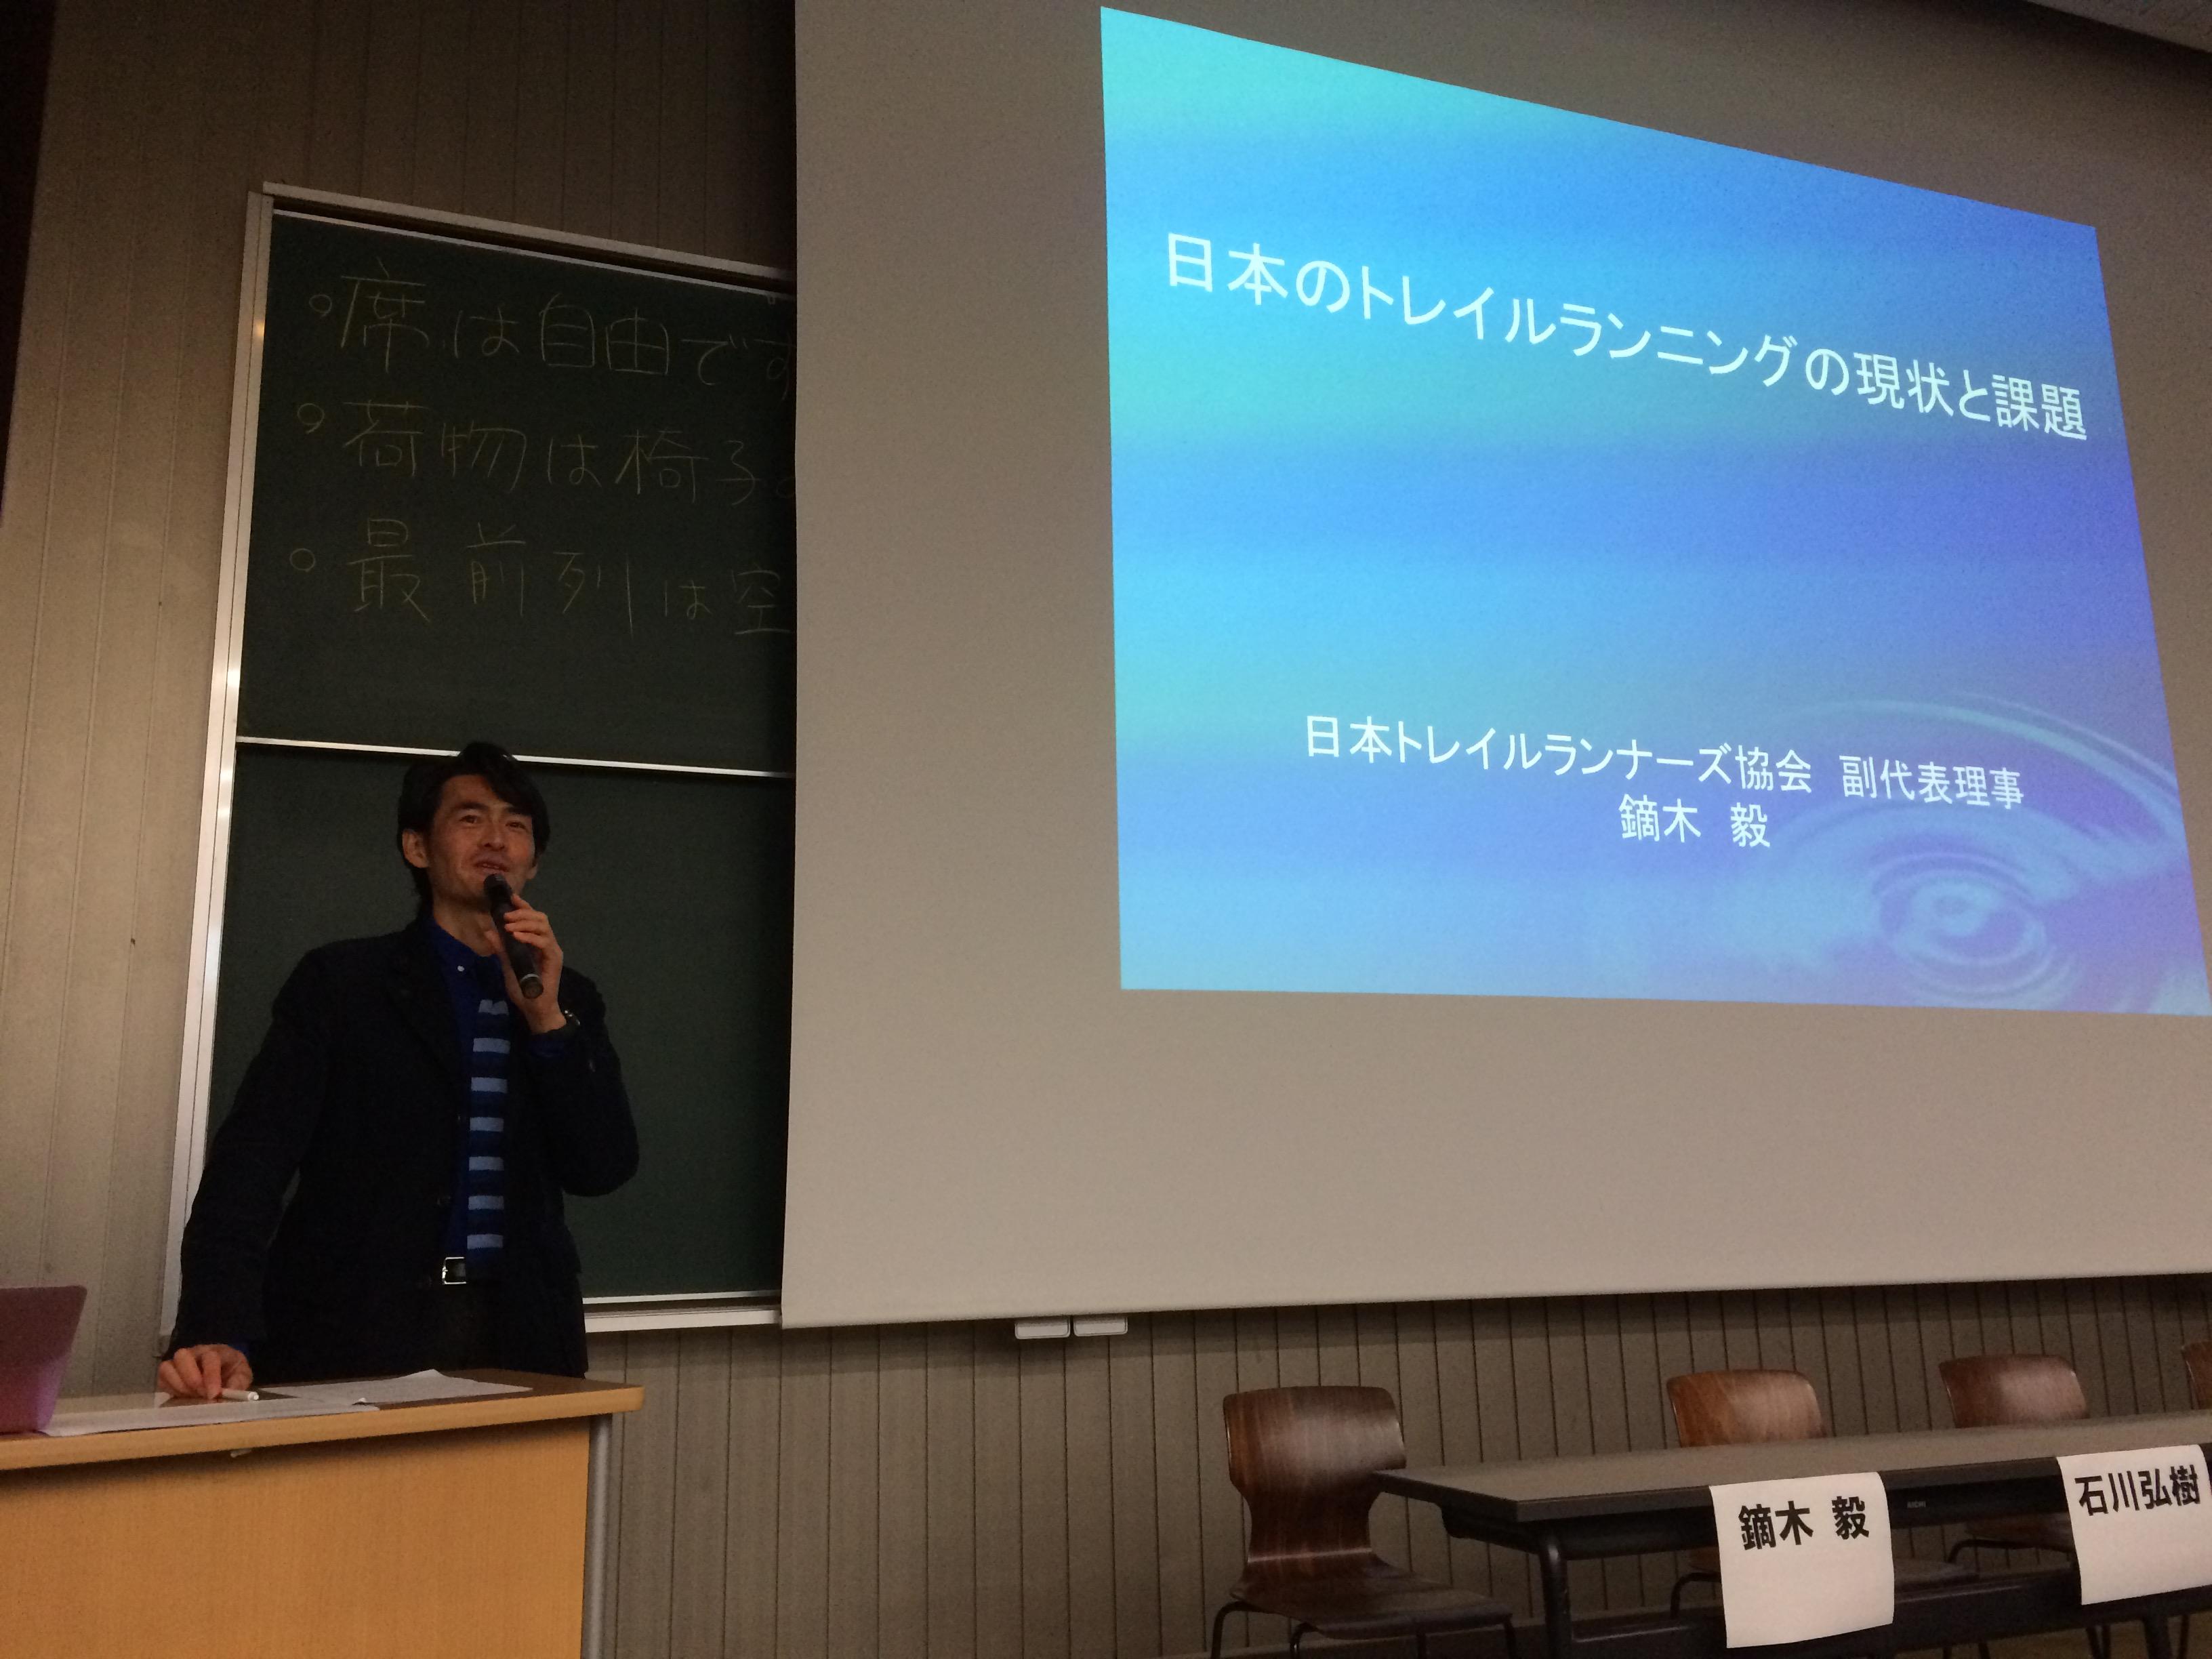 鏑木毅さんスピーチ